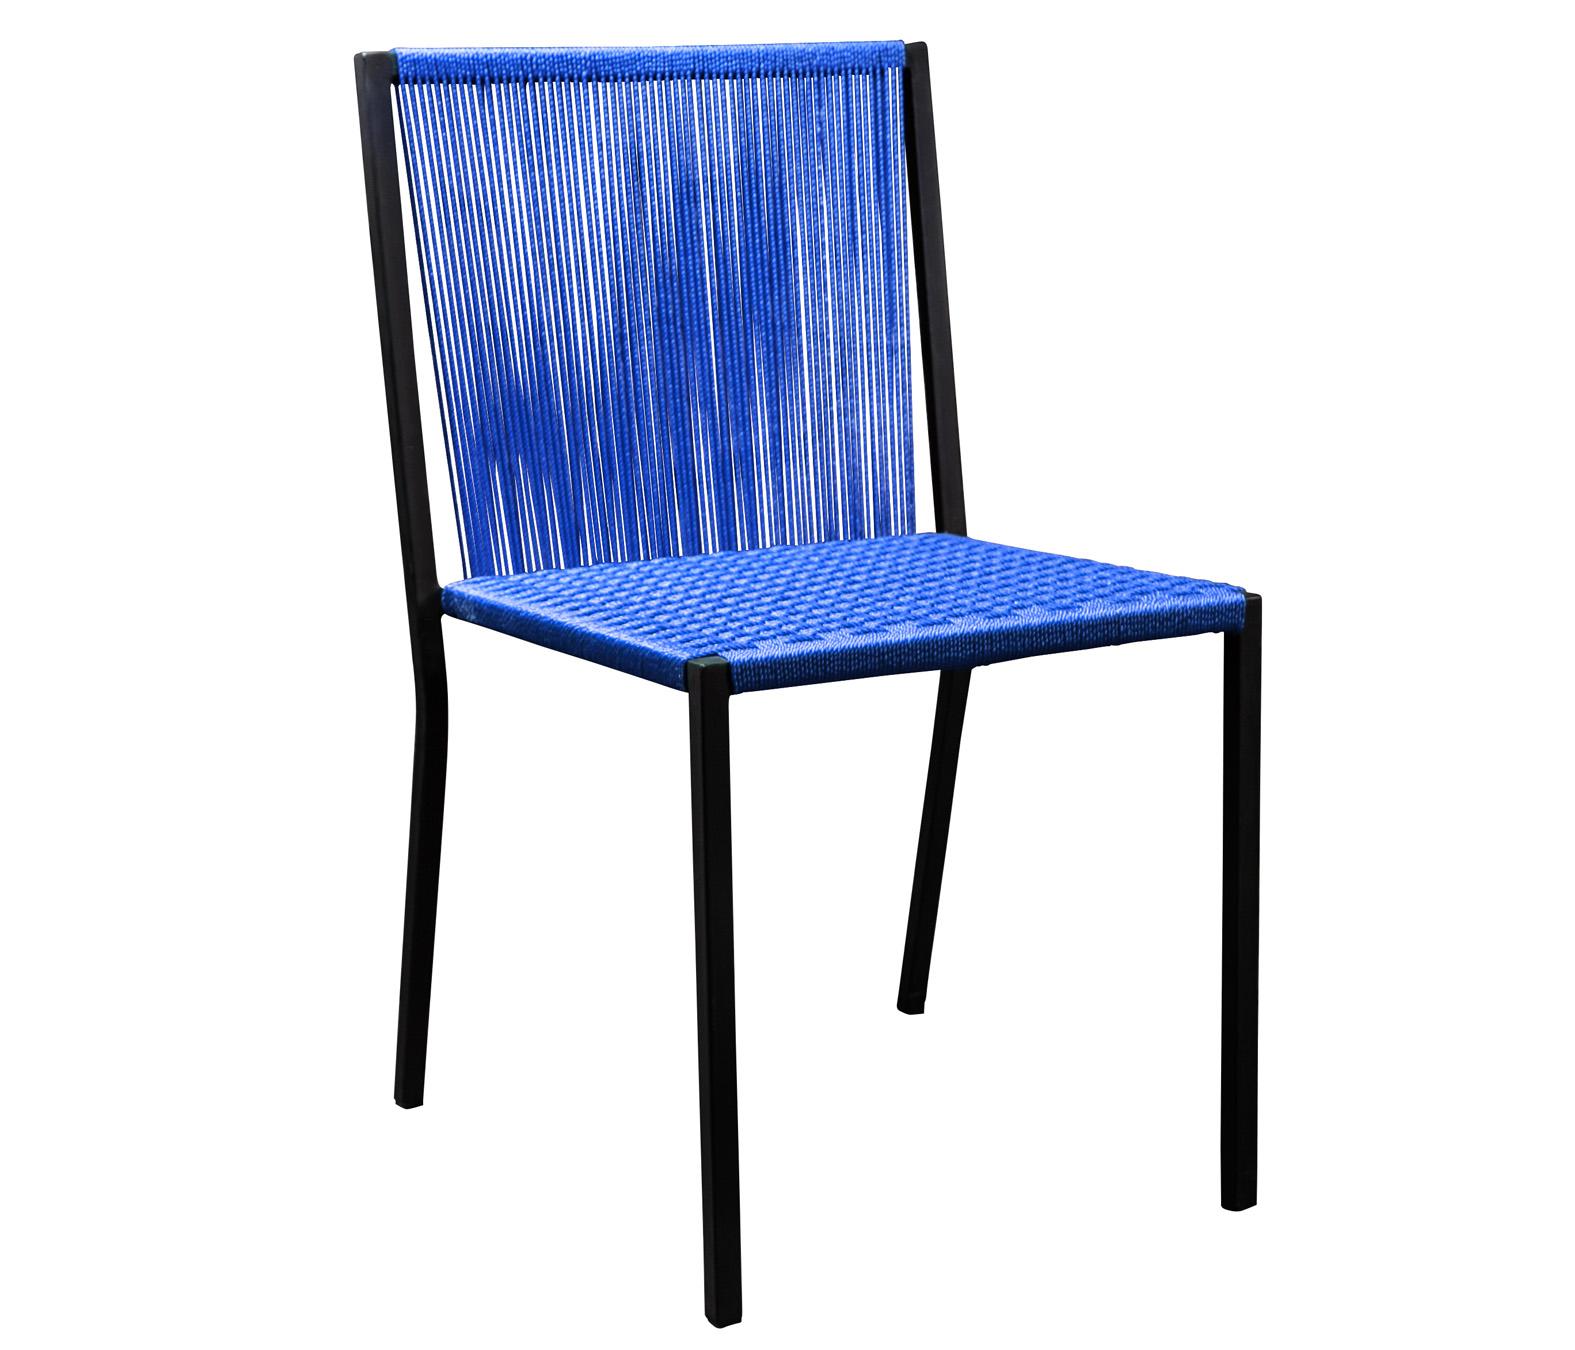 TADY bleu